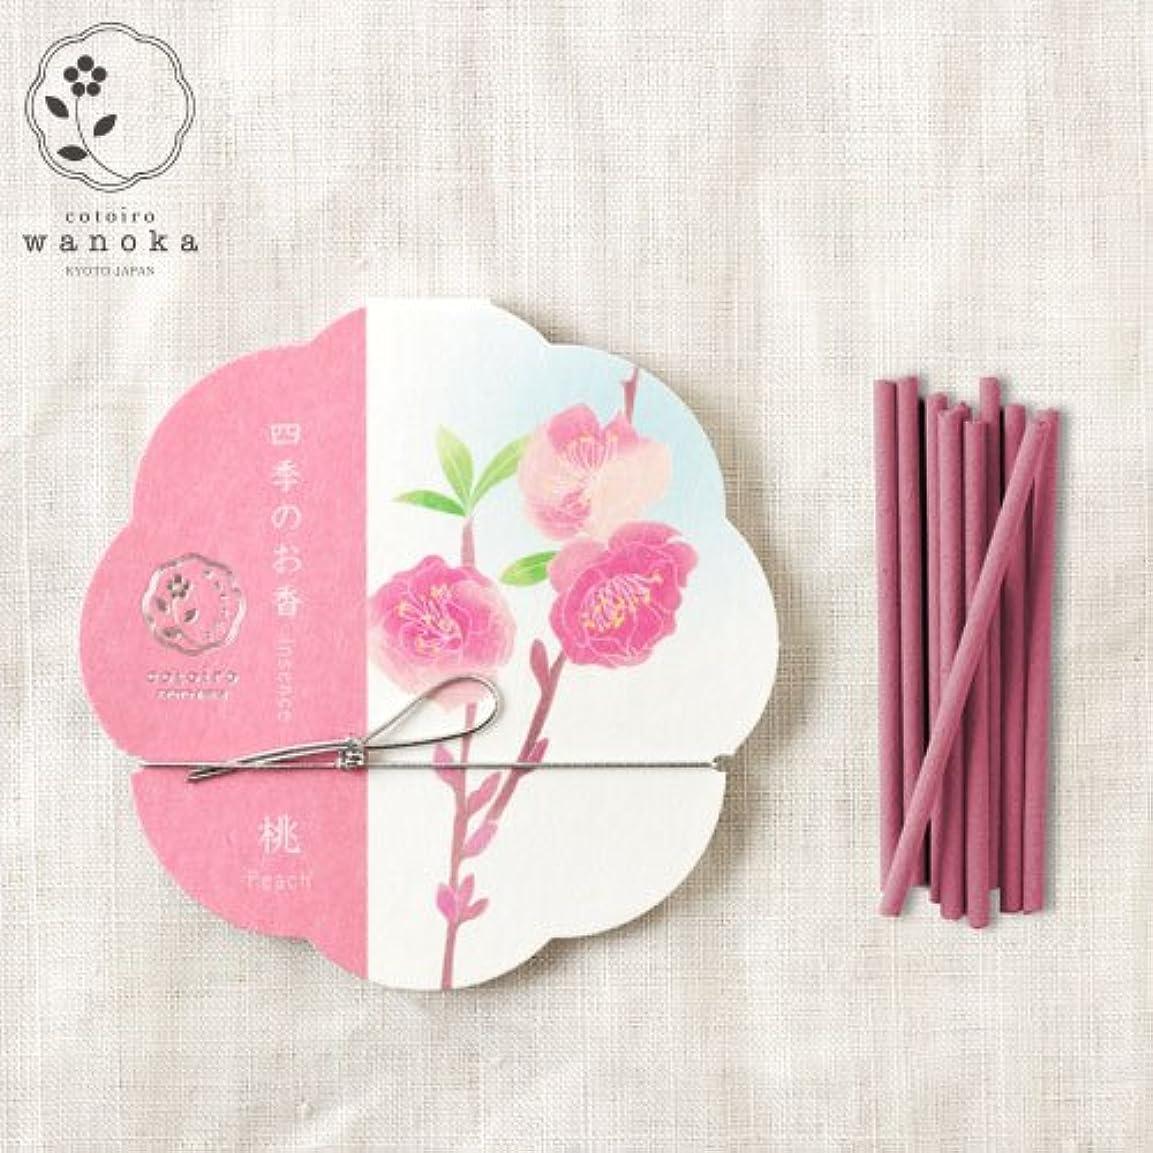 移住するピース白鳥wanoka四季のお香(インセンス)桃《桃のお花をイメージした甘い香り》ART LABIncense stick